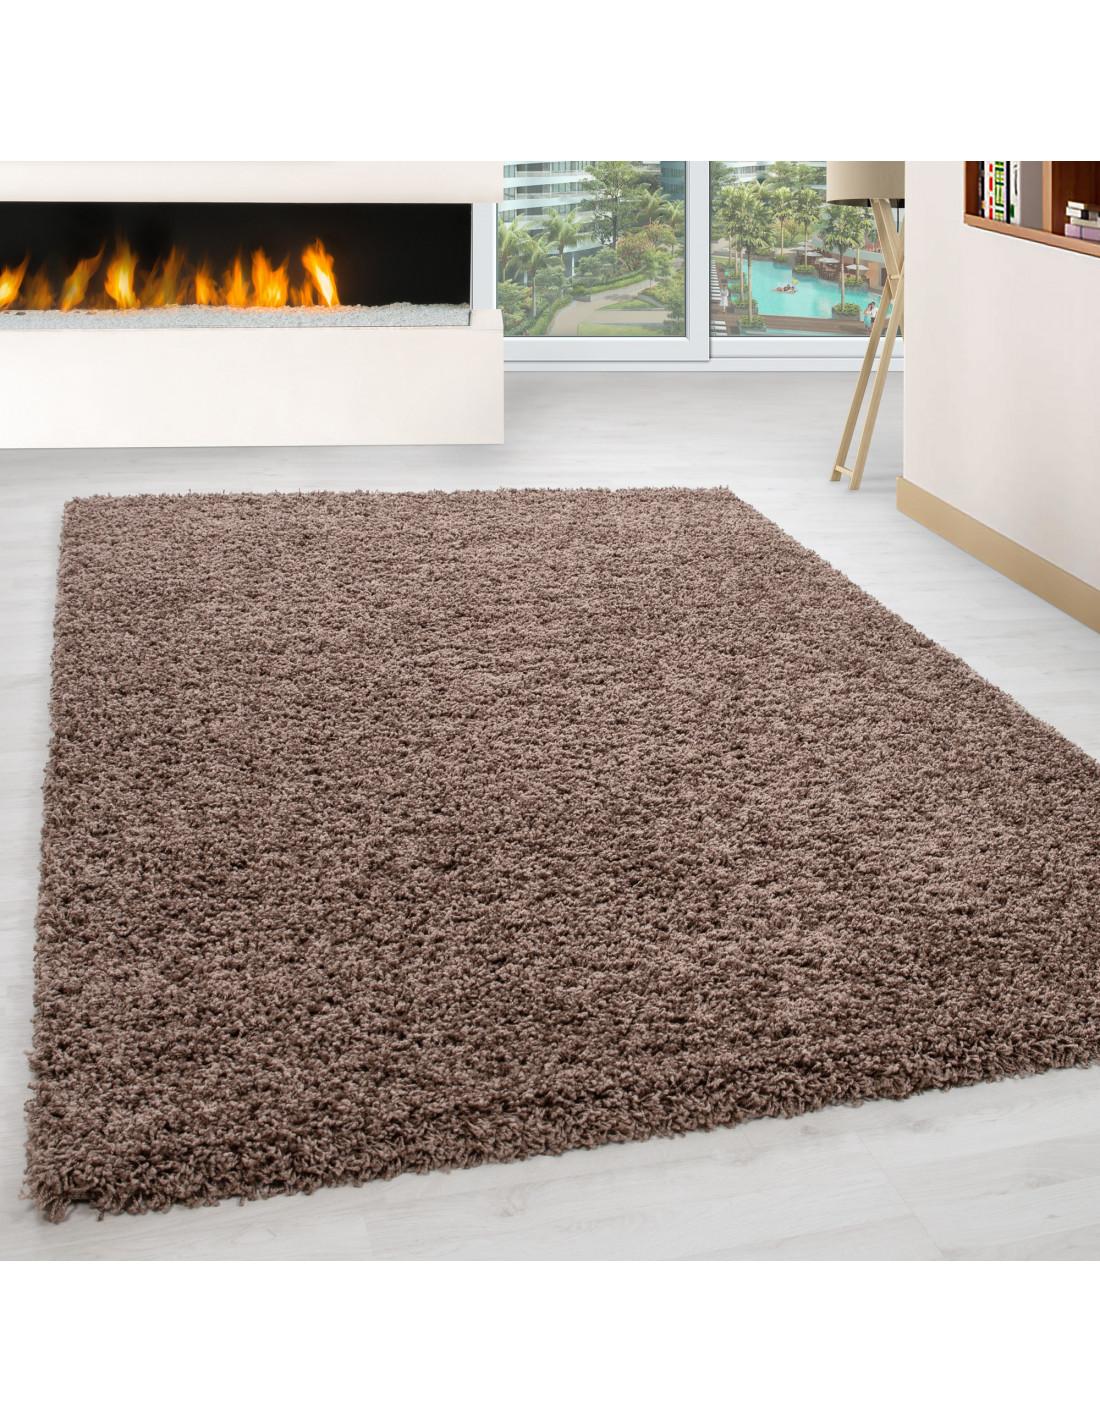 Shaggy carpet, pile height 3cm, plain color mocca